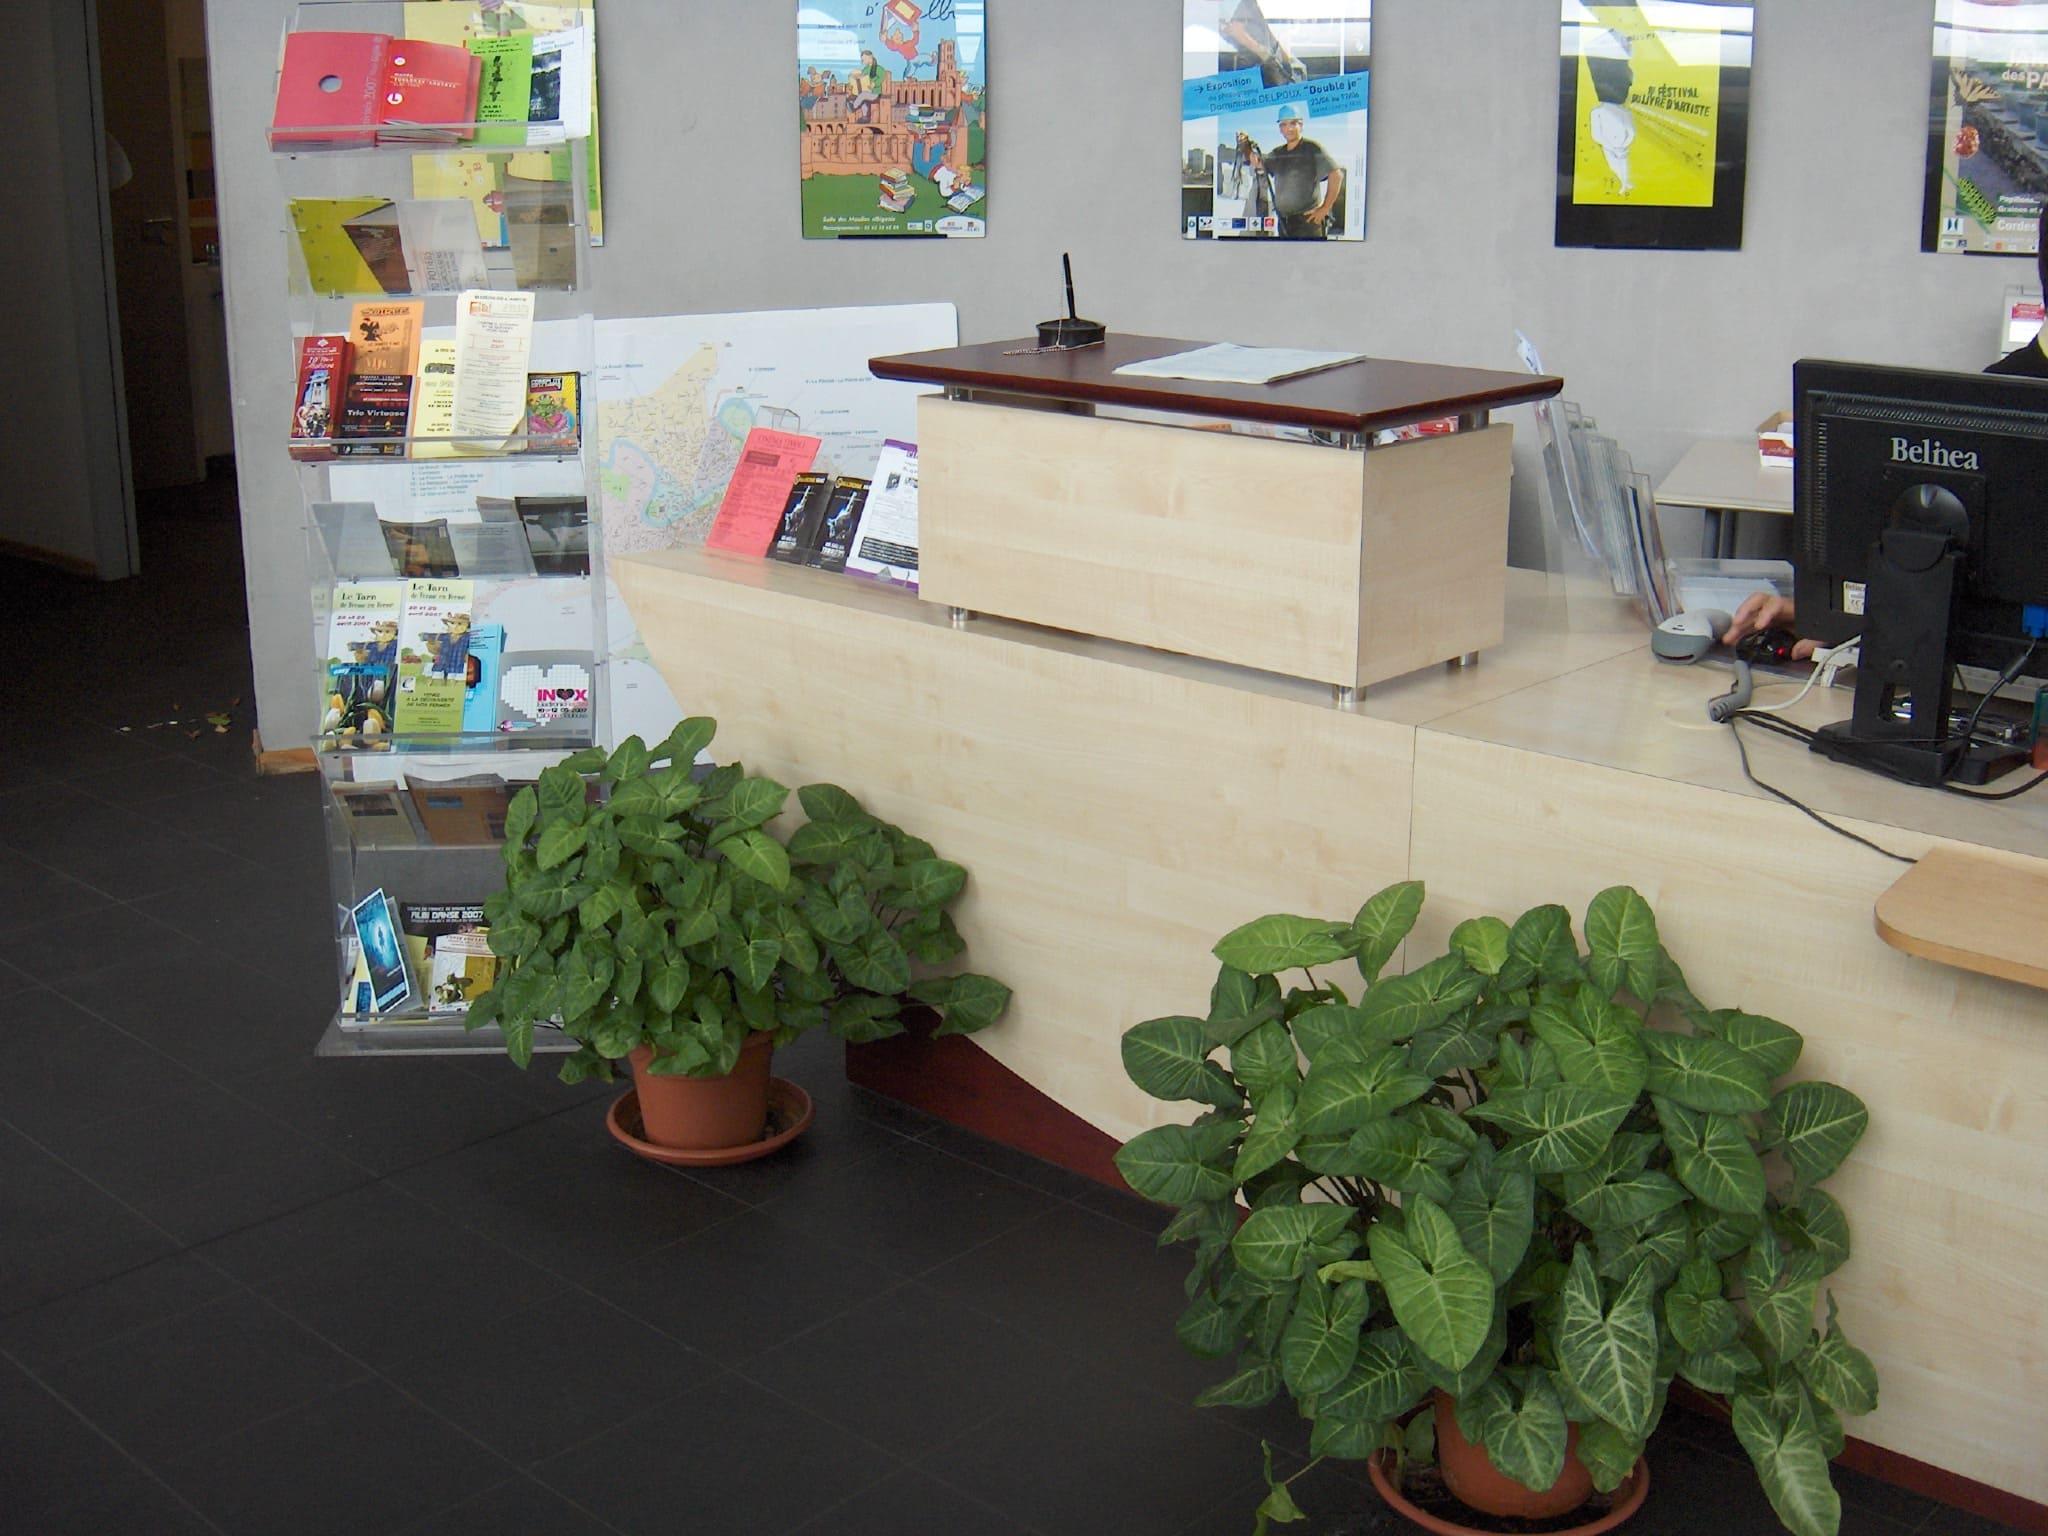 Comptoir accueil de la médiathèque d'Albi réalisé par SAFRA Agencement